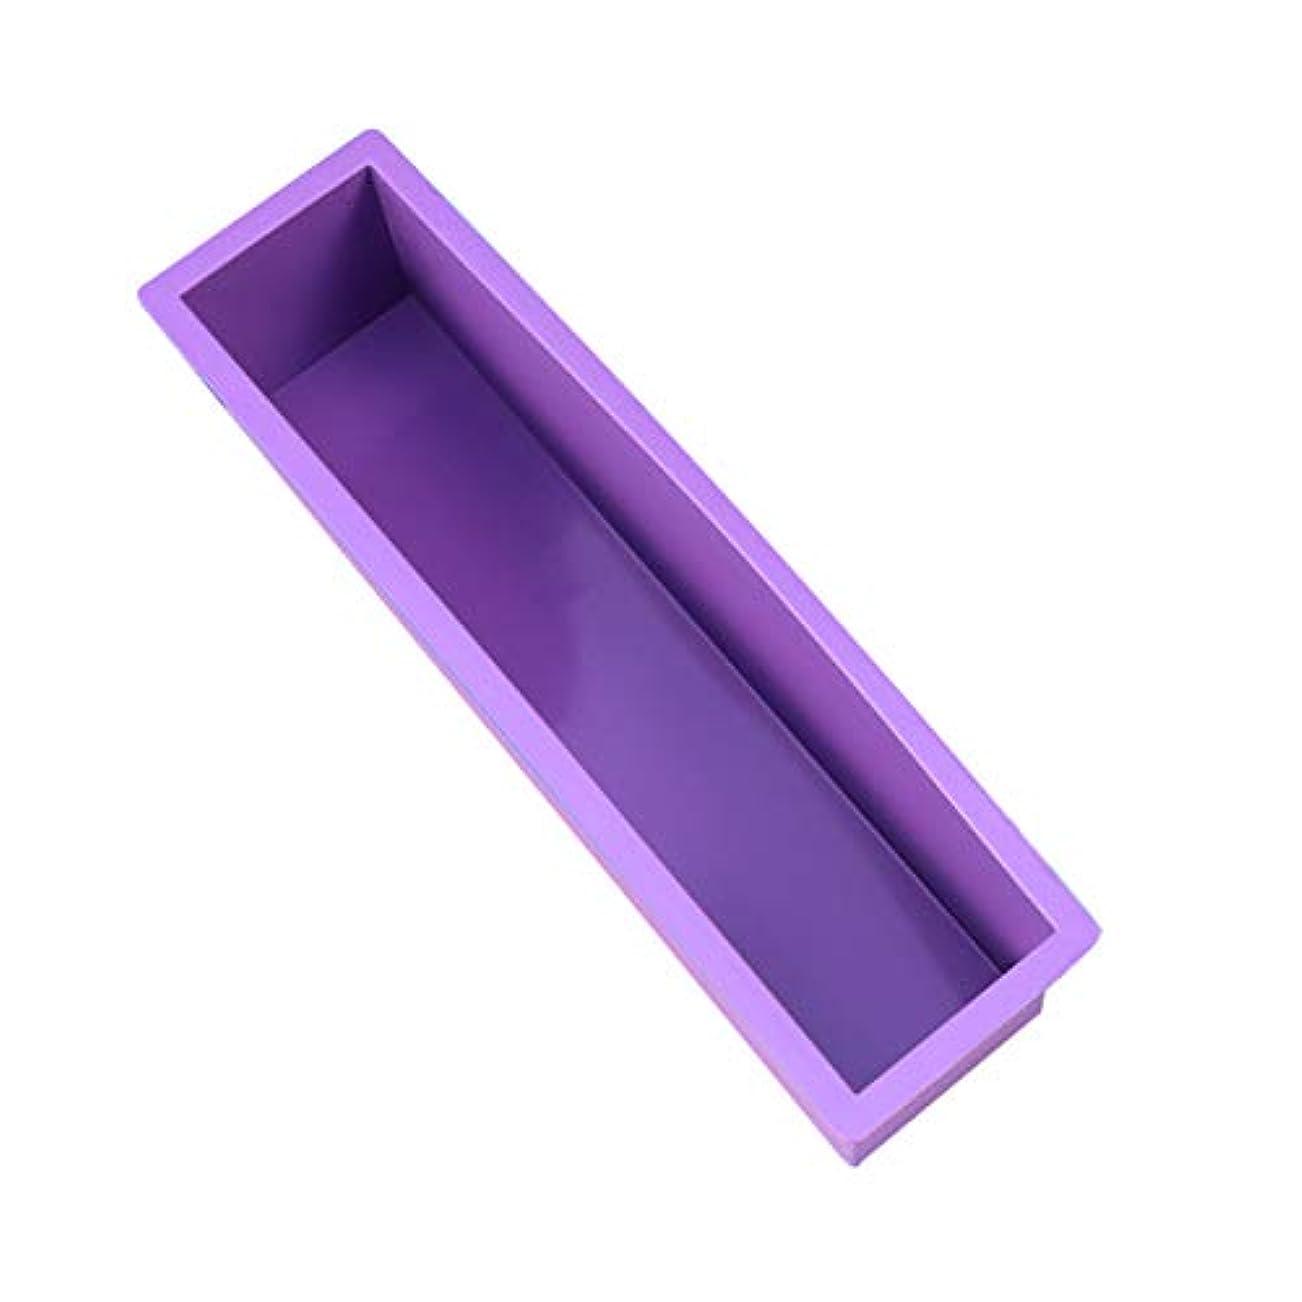 テント南アメリカ父方のHealifty DIYの石鹸金型スクエアラウンドオーバル金型木製ボックスサイズなしの手作り金型 - S(紫)